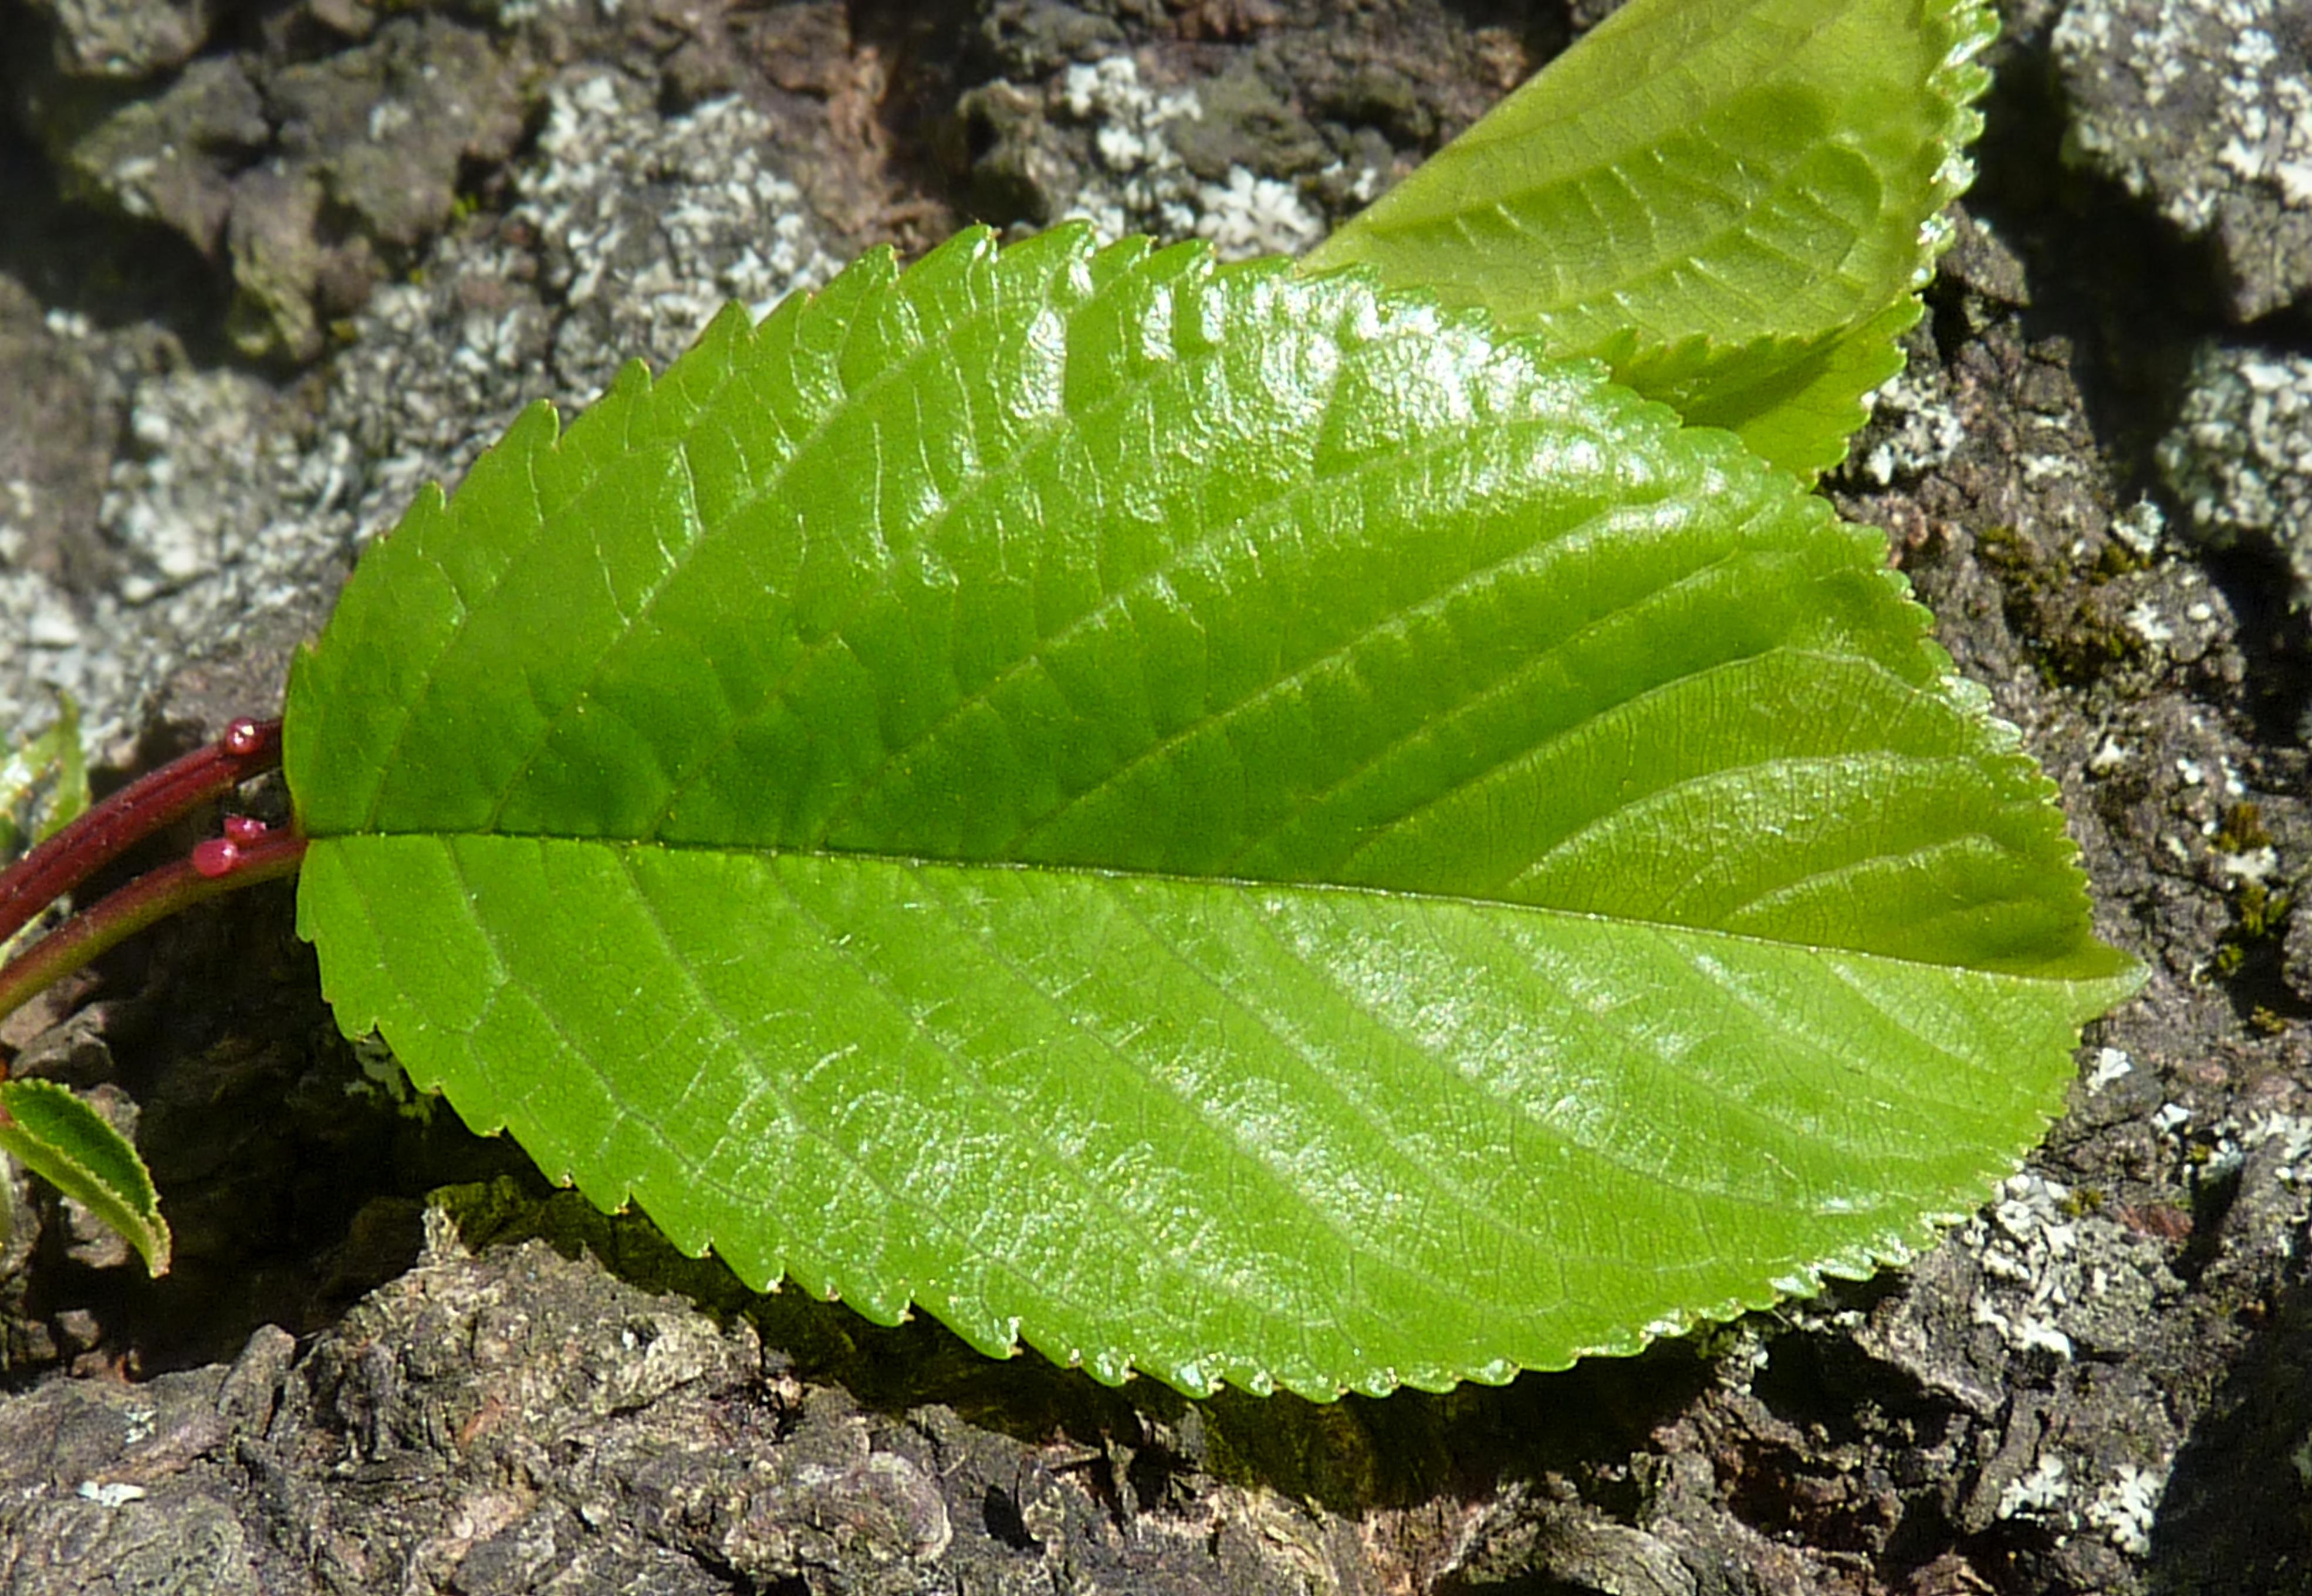 File:Apple tree leaf J1.jpg - Wikimedia Commons